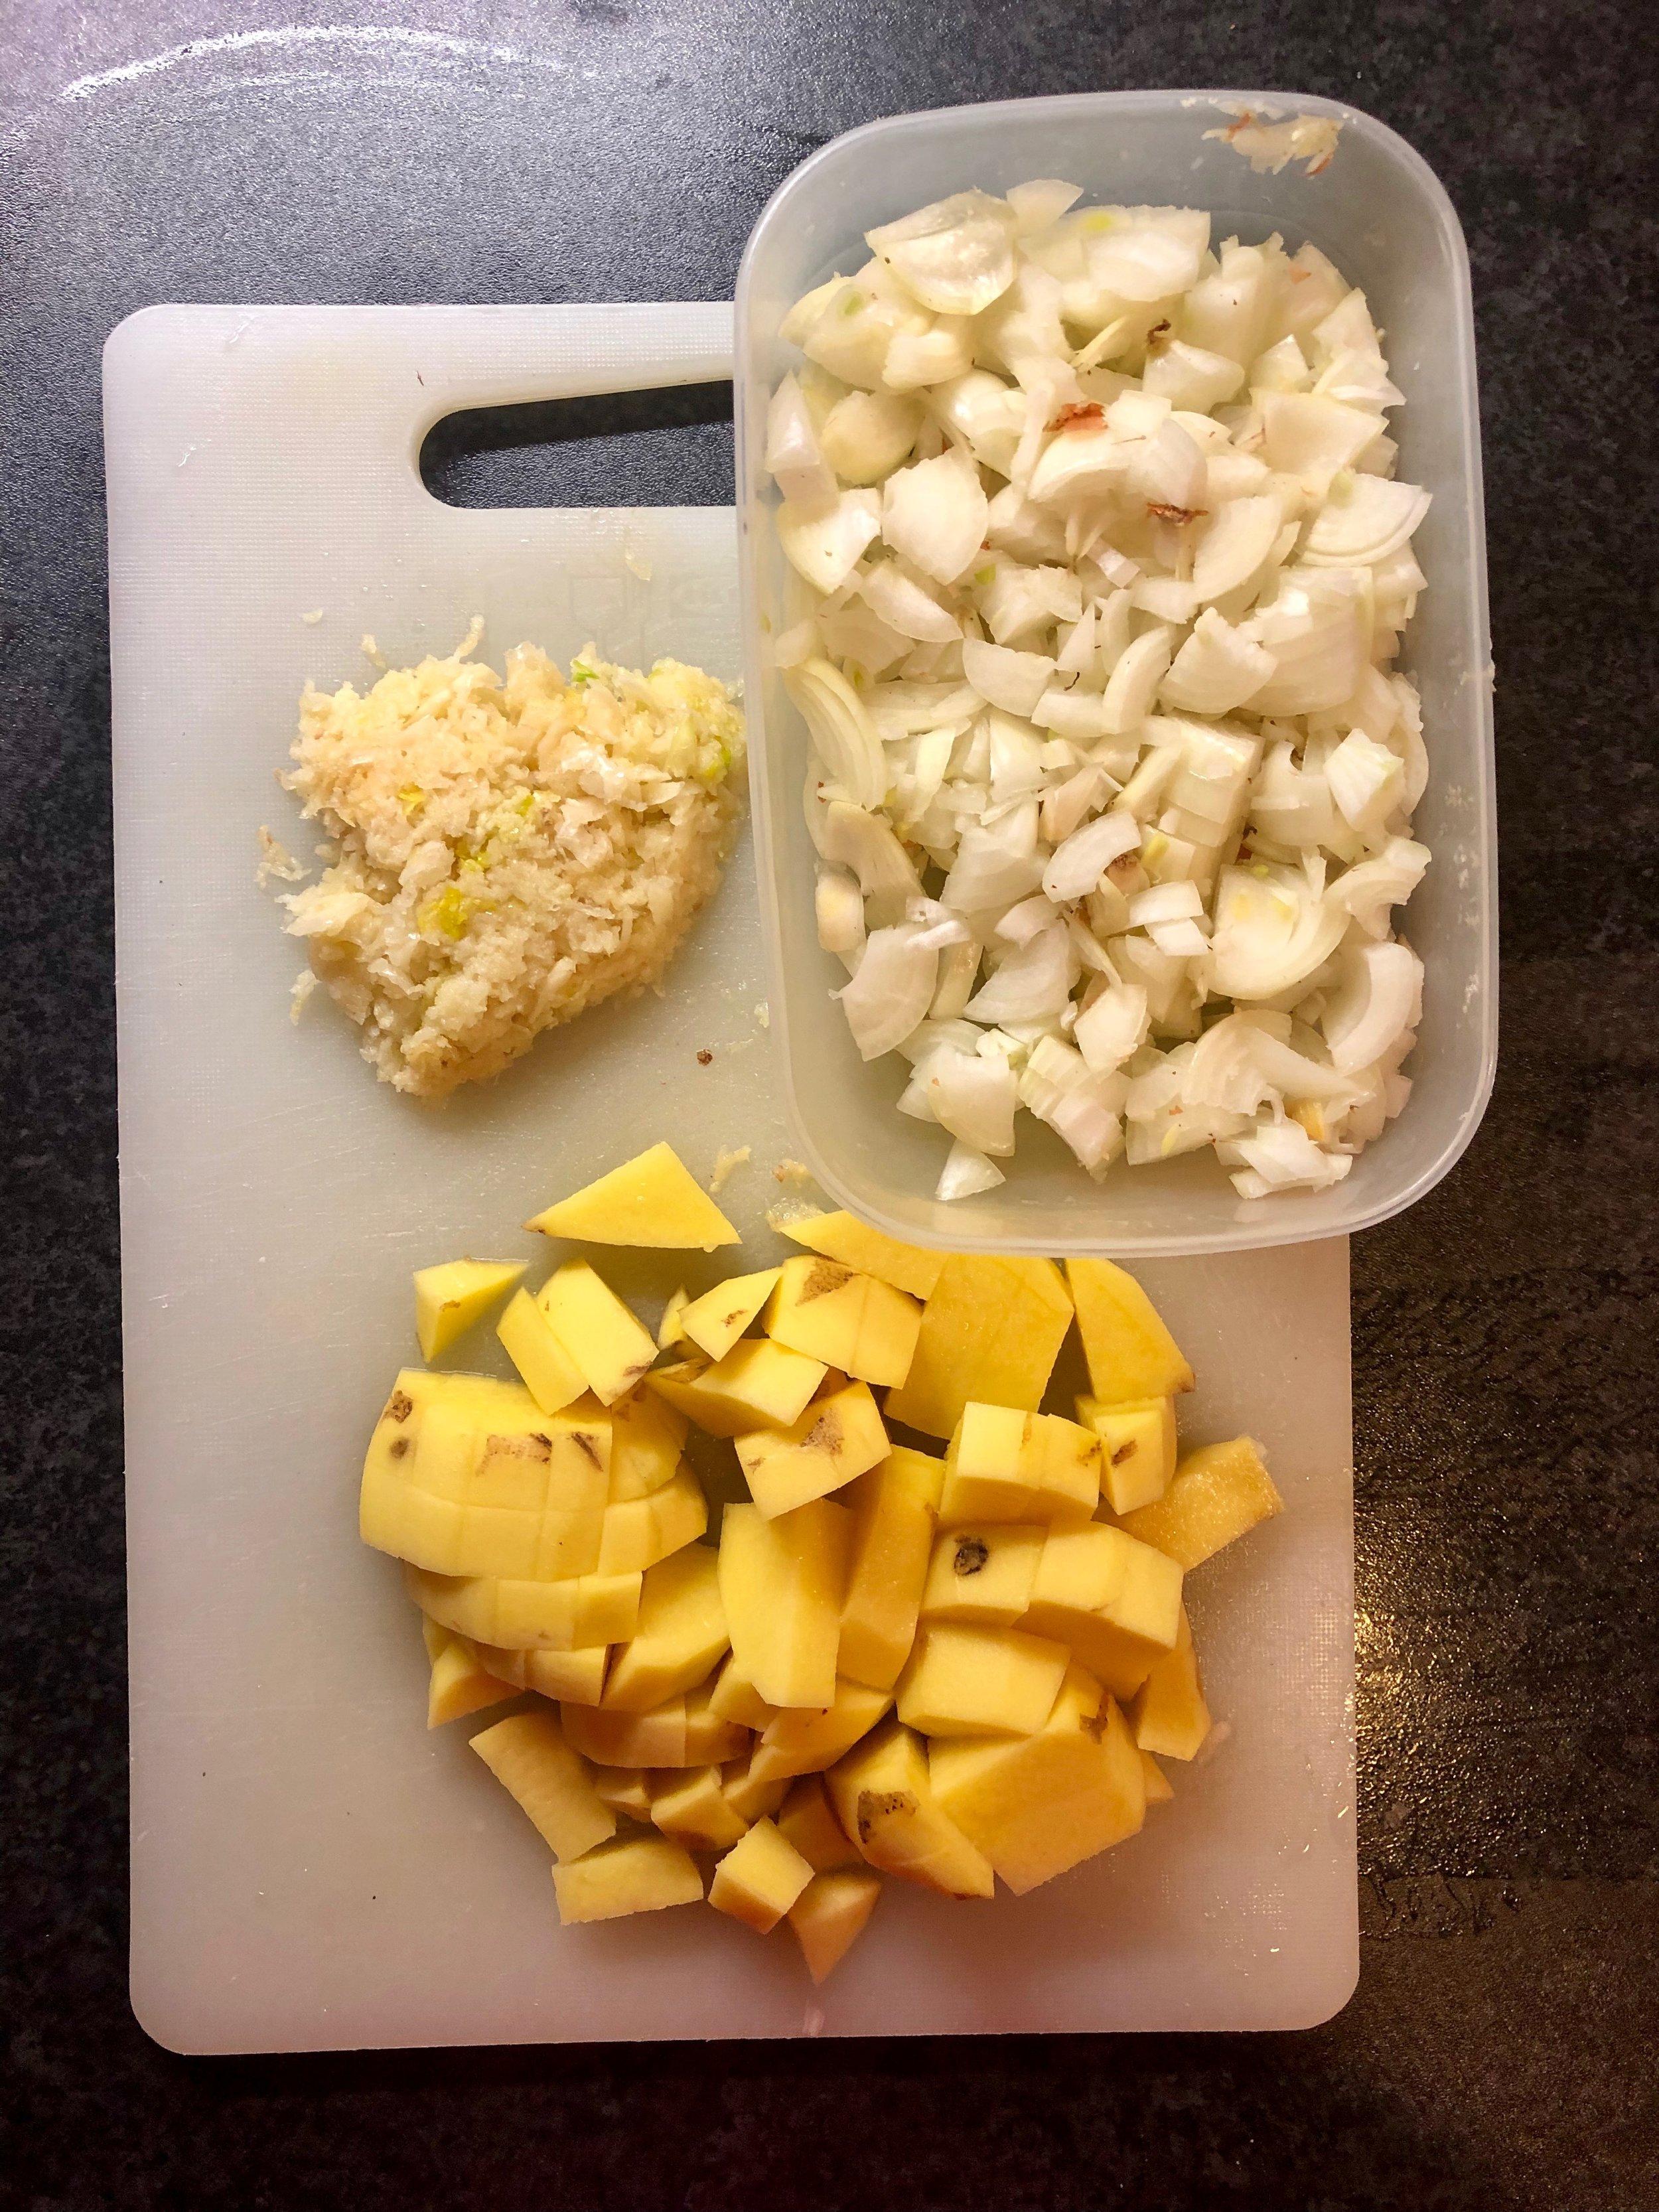 Mise en place for garlic soup.